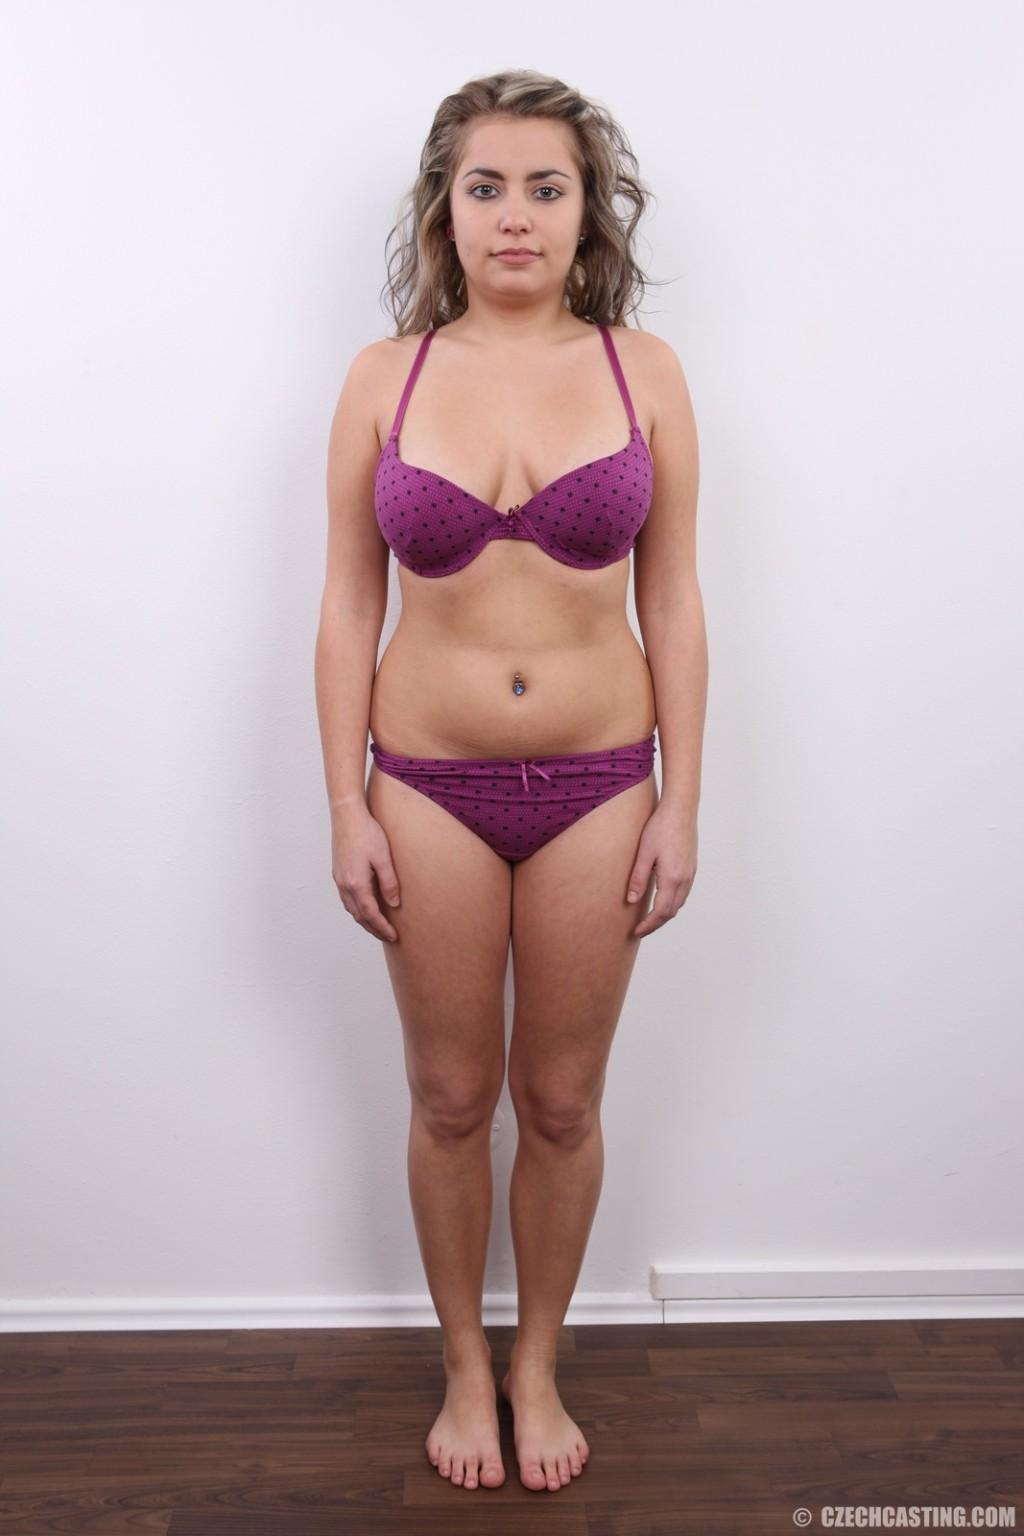 Секс телок с длинными ножками 13 фотография